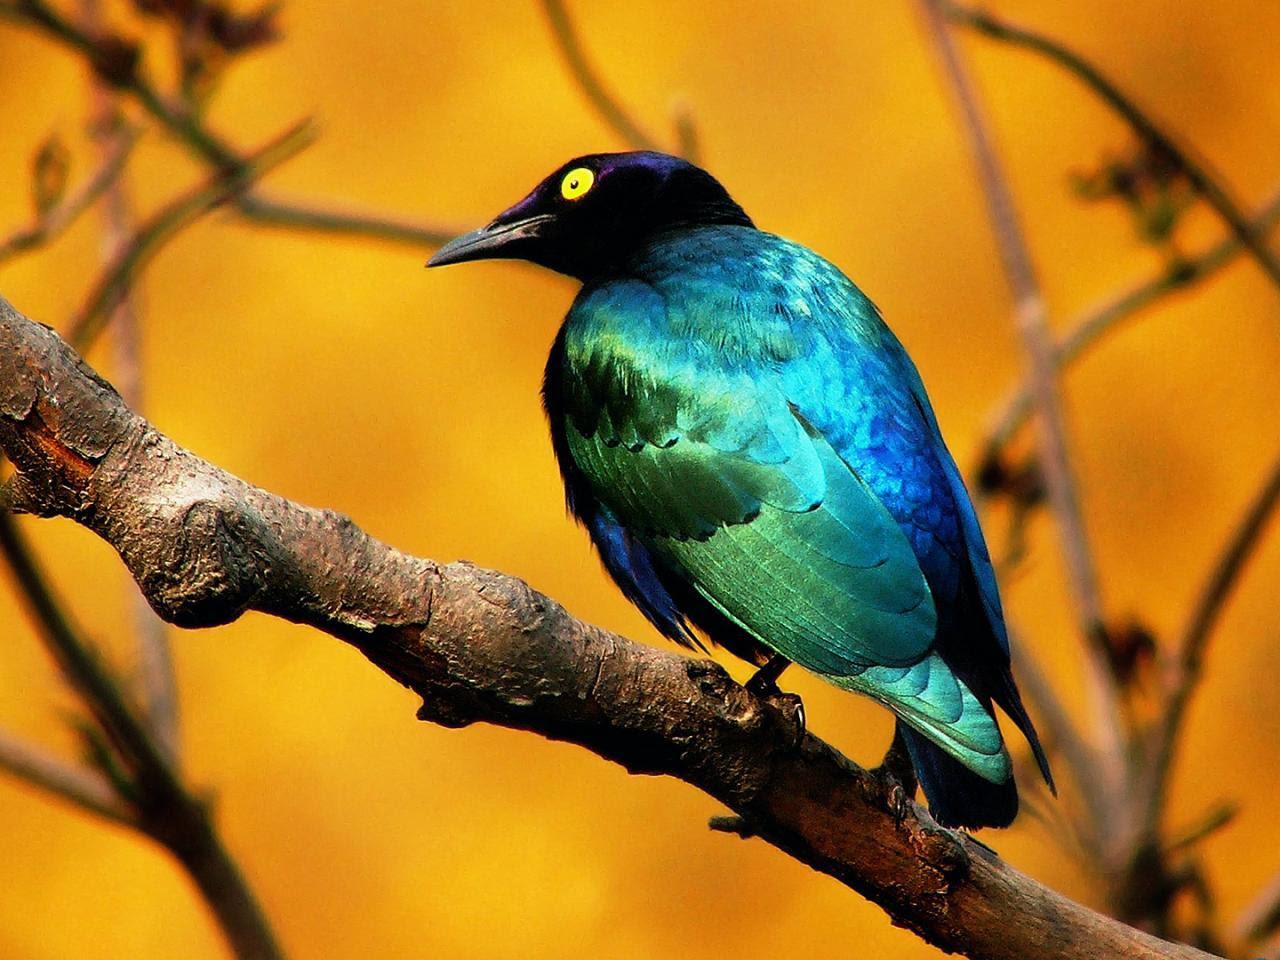 Amazing Wild Life Photography  Birds Desktop Wallpapers Wallpaper Zone